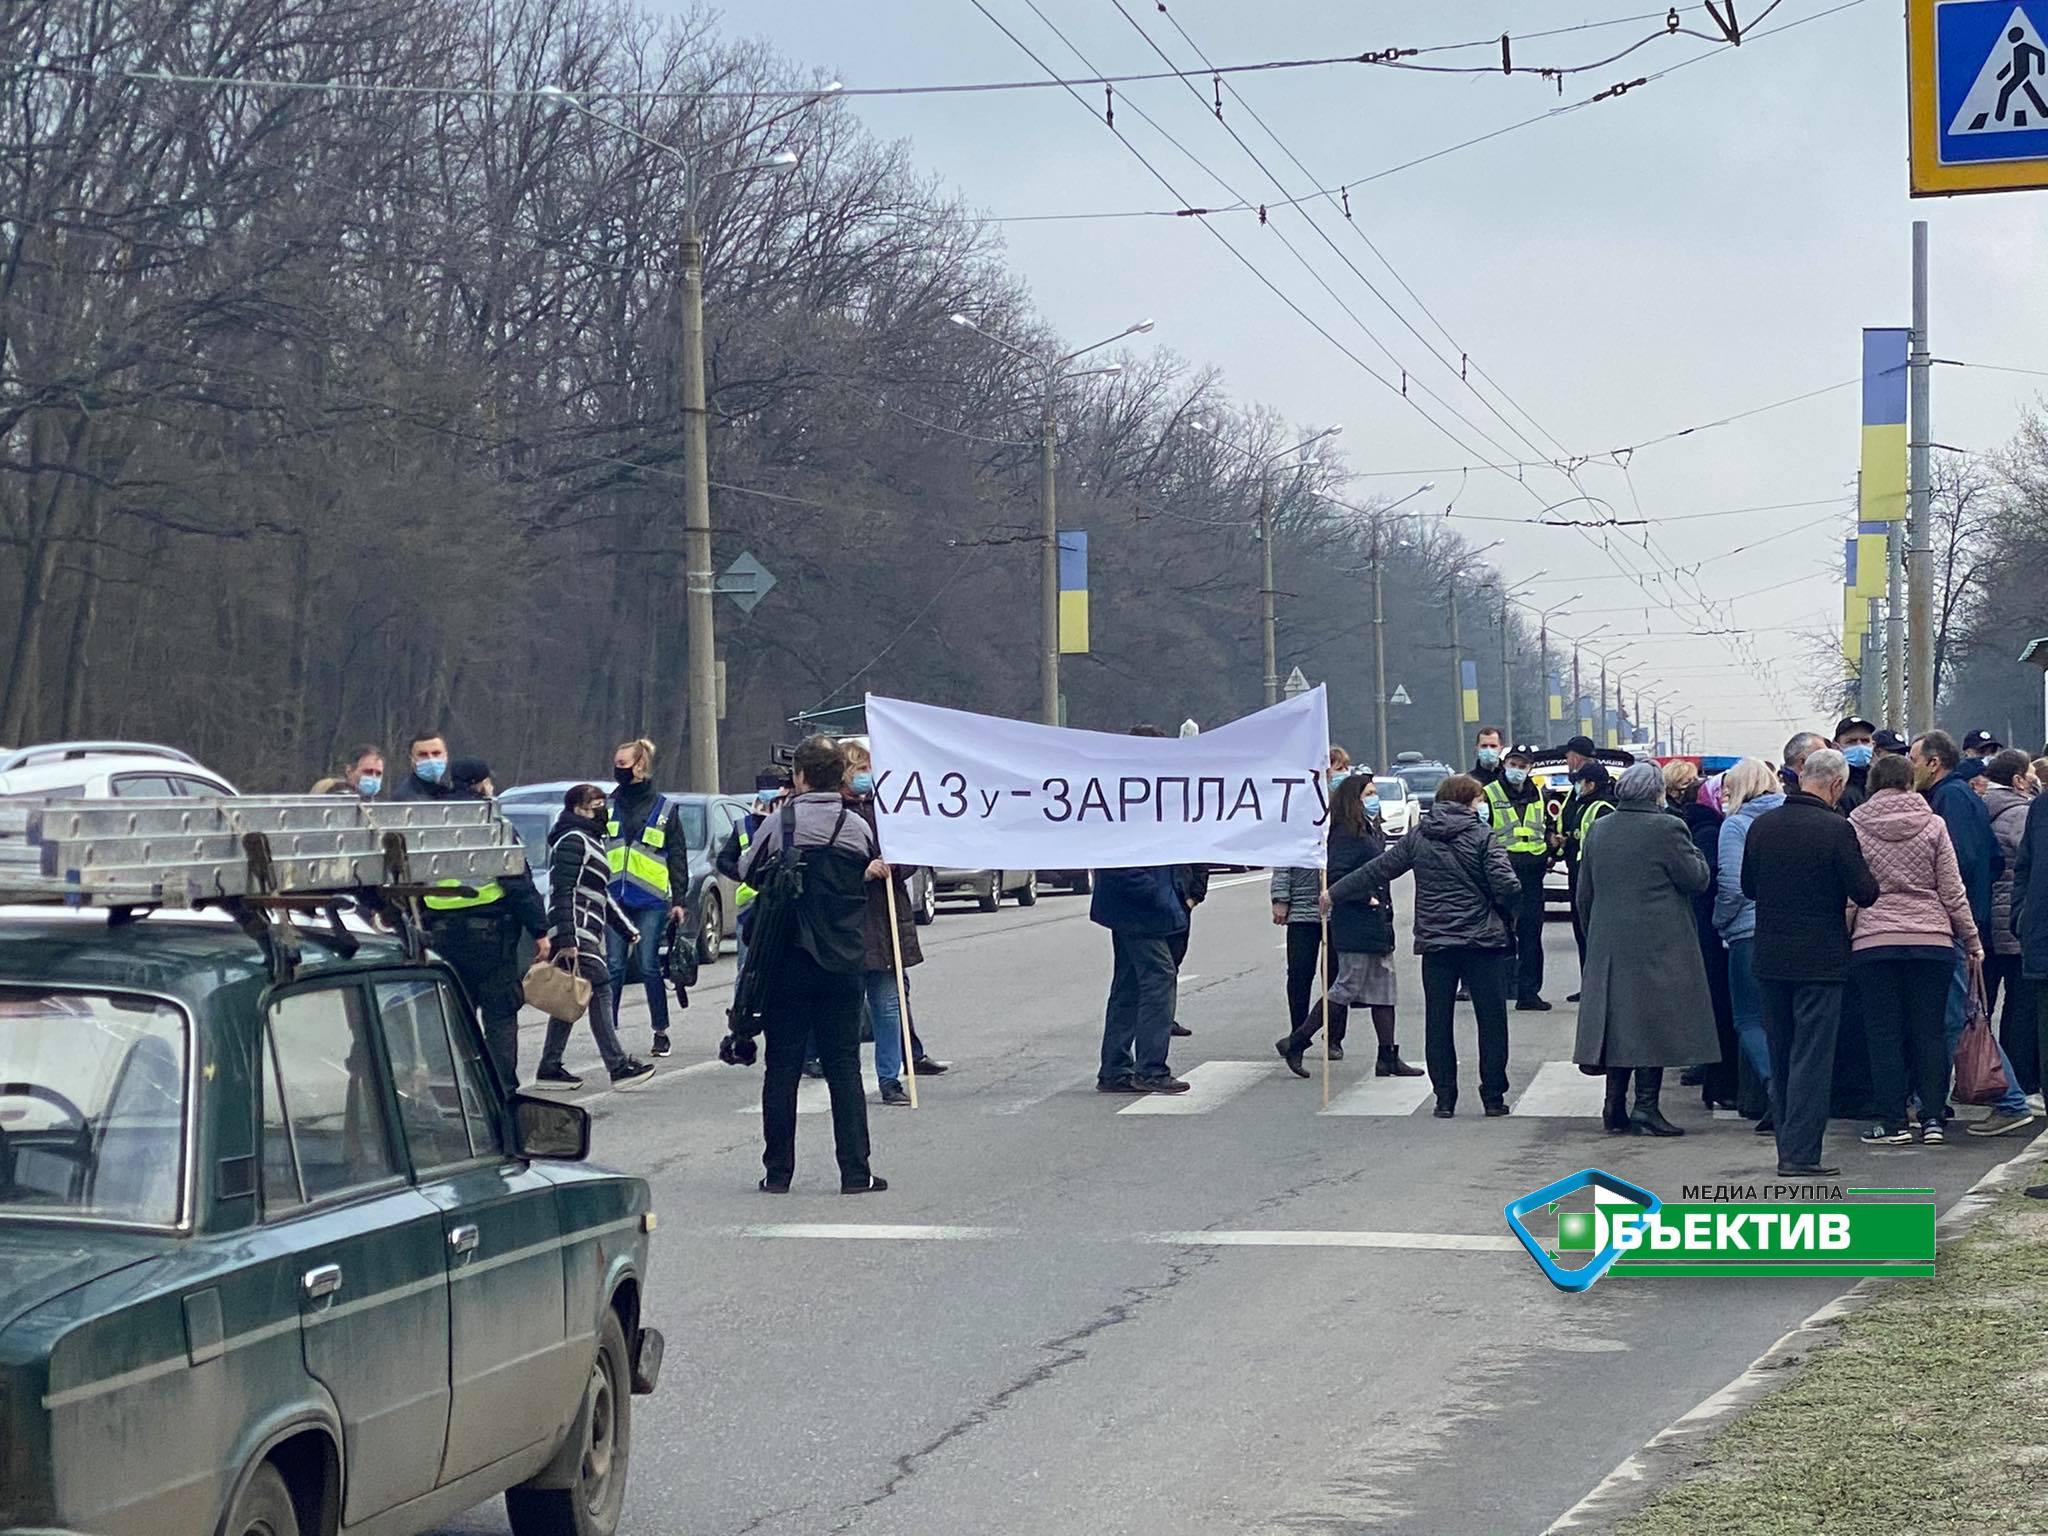 Рабочие Харьковского авиазавода перекрыли дорогу из-за долгов по зарплате (фоторепортаж)